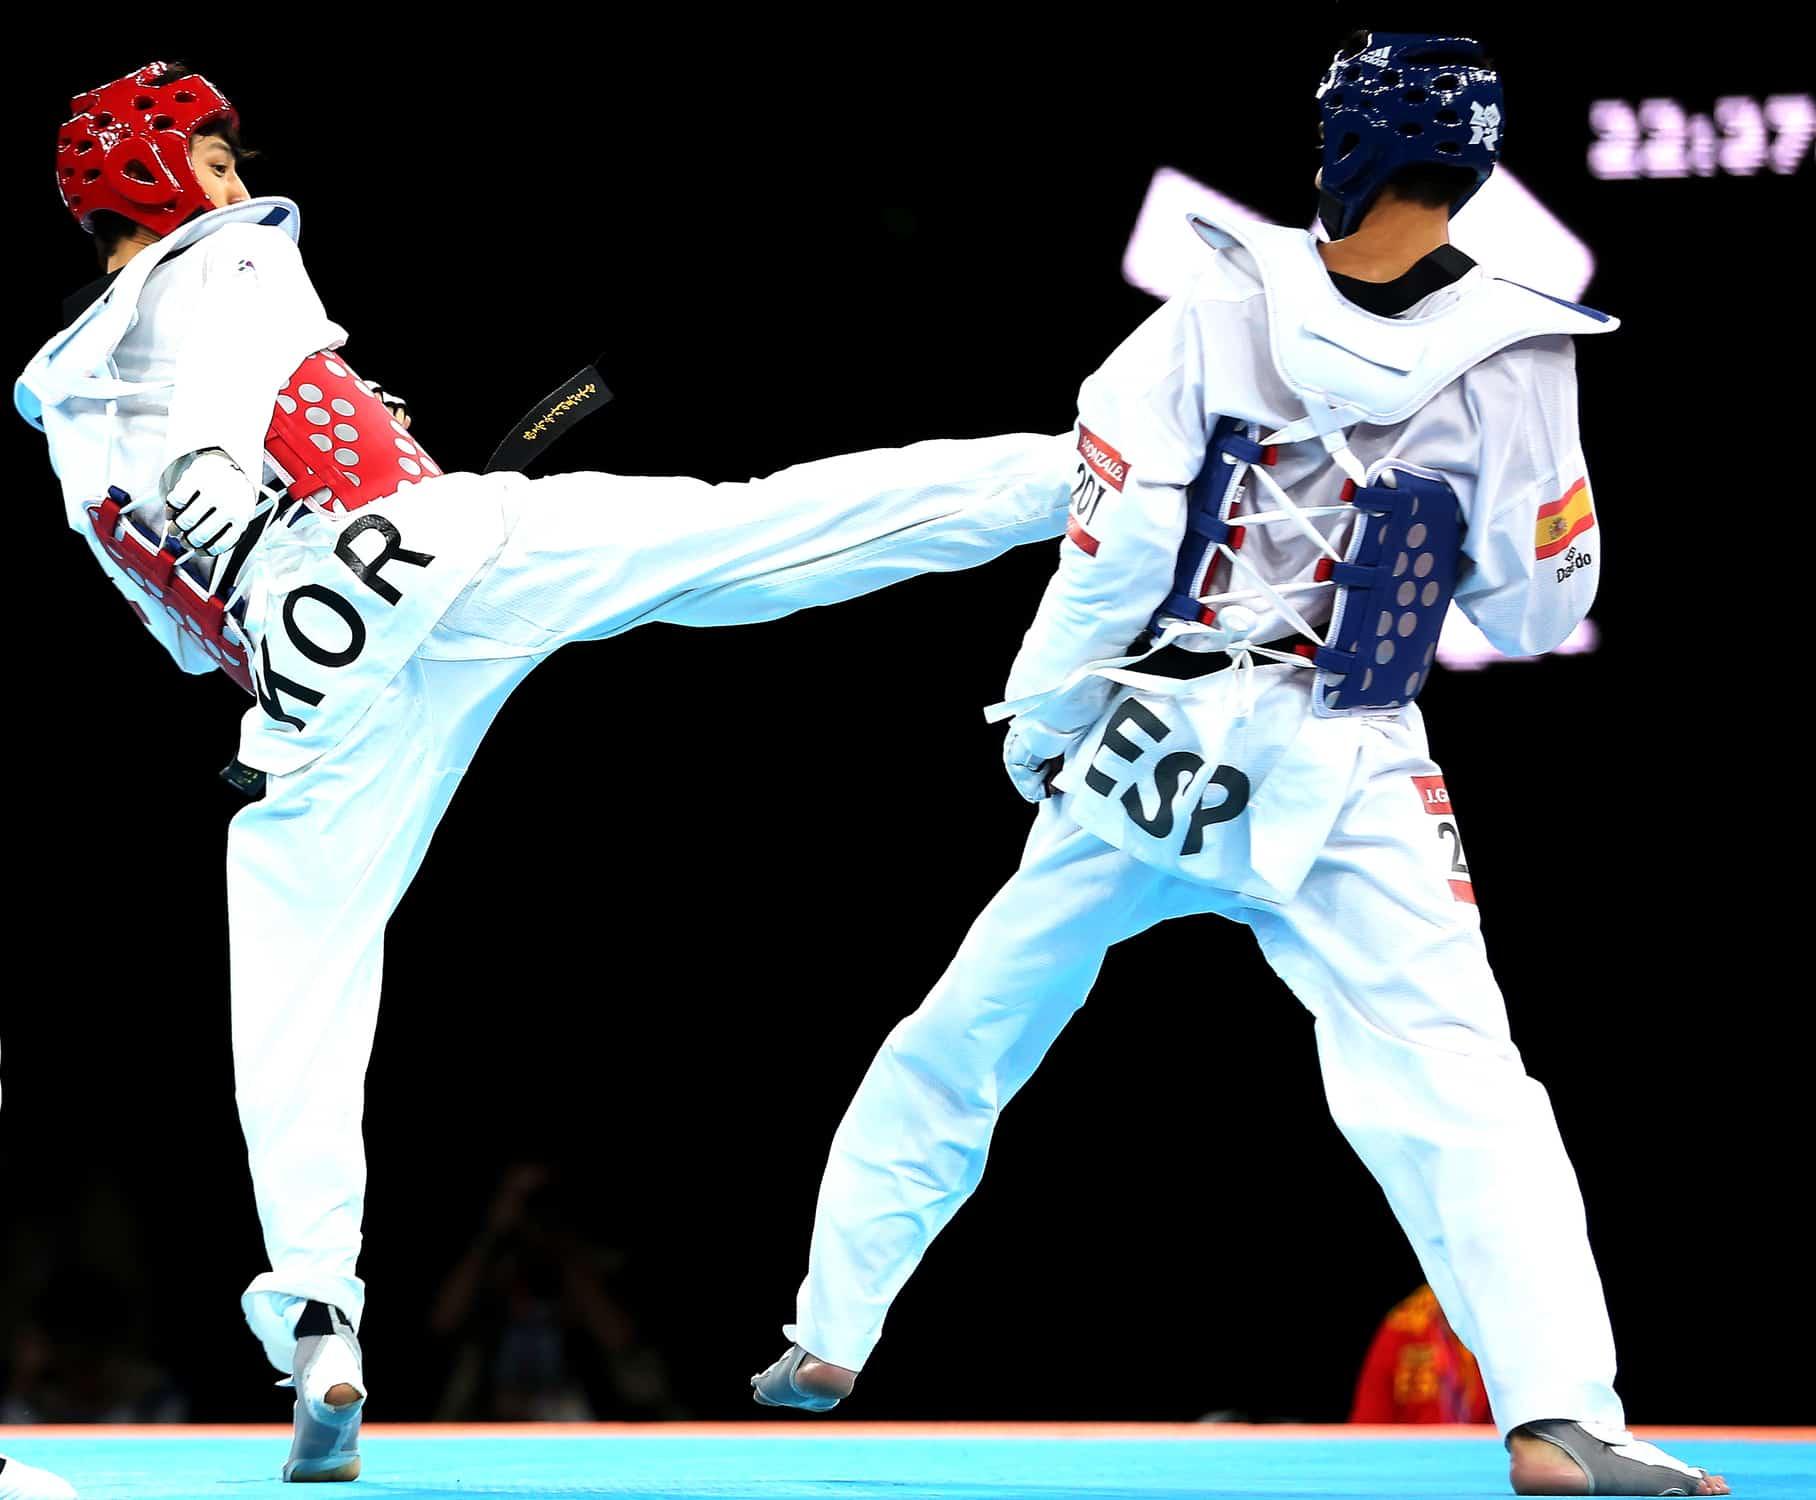 Taekwondo athletes